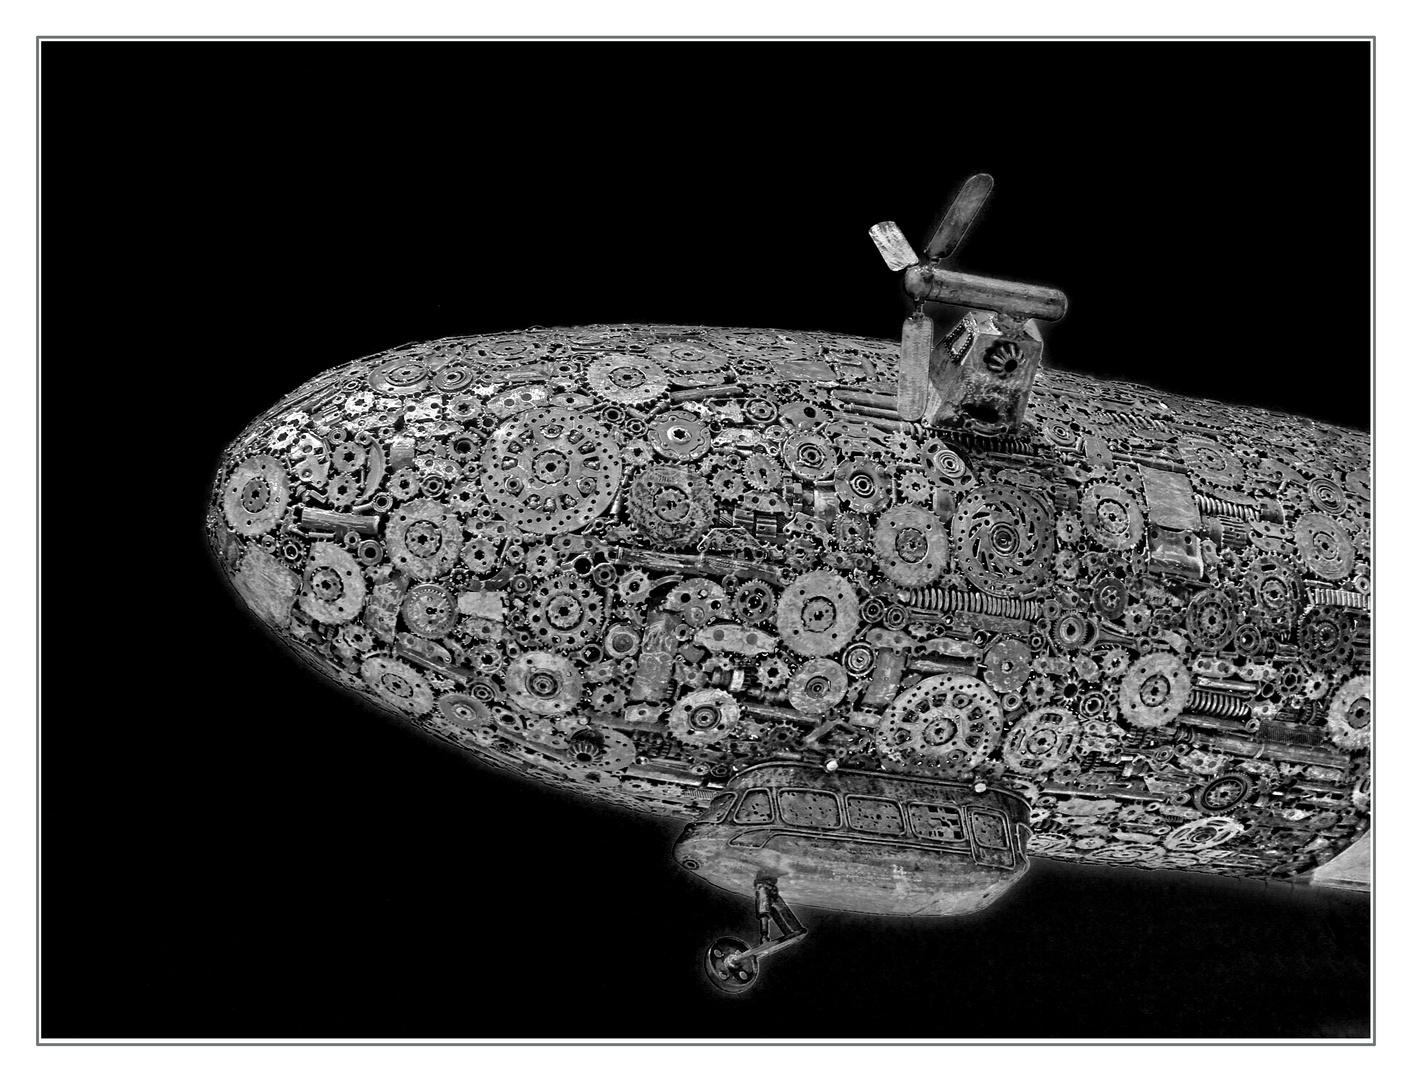 Zeppelin NT